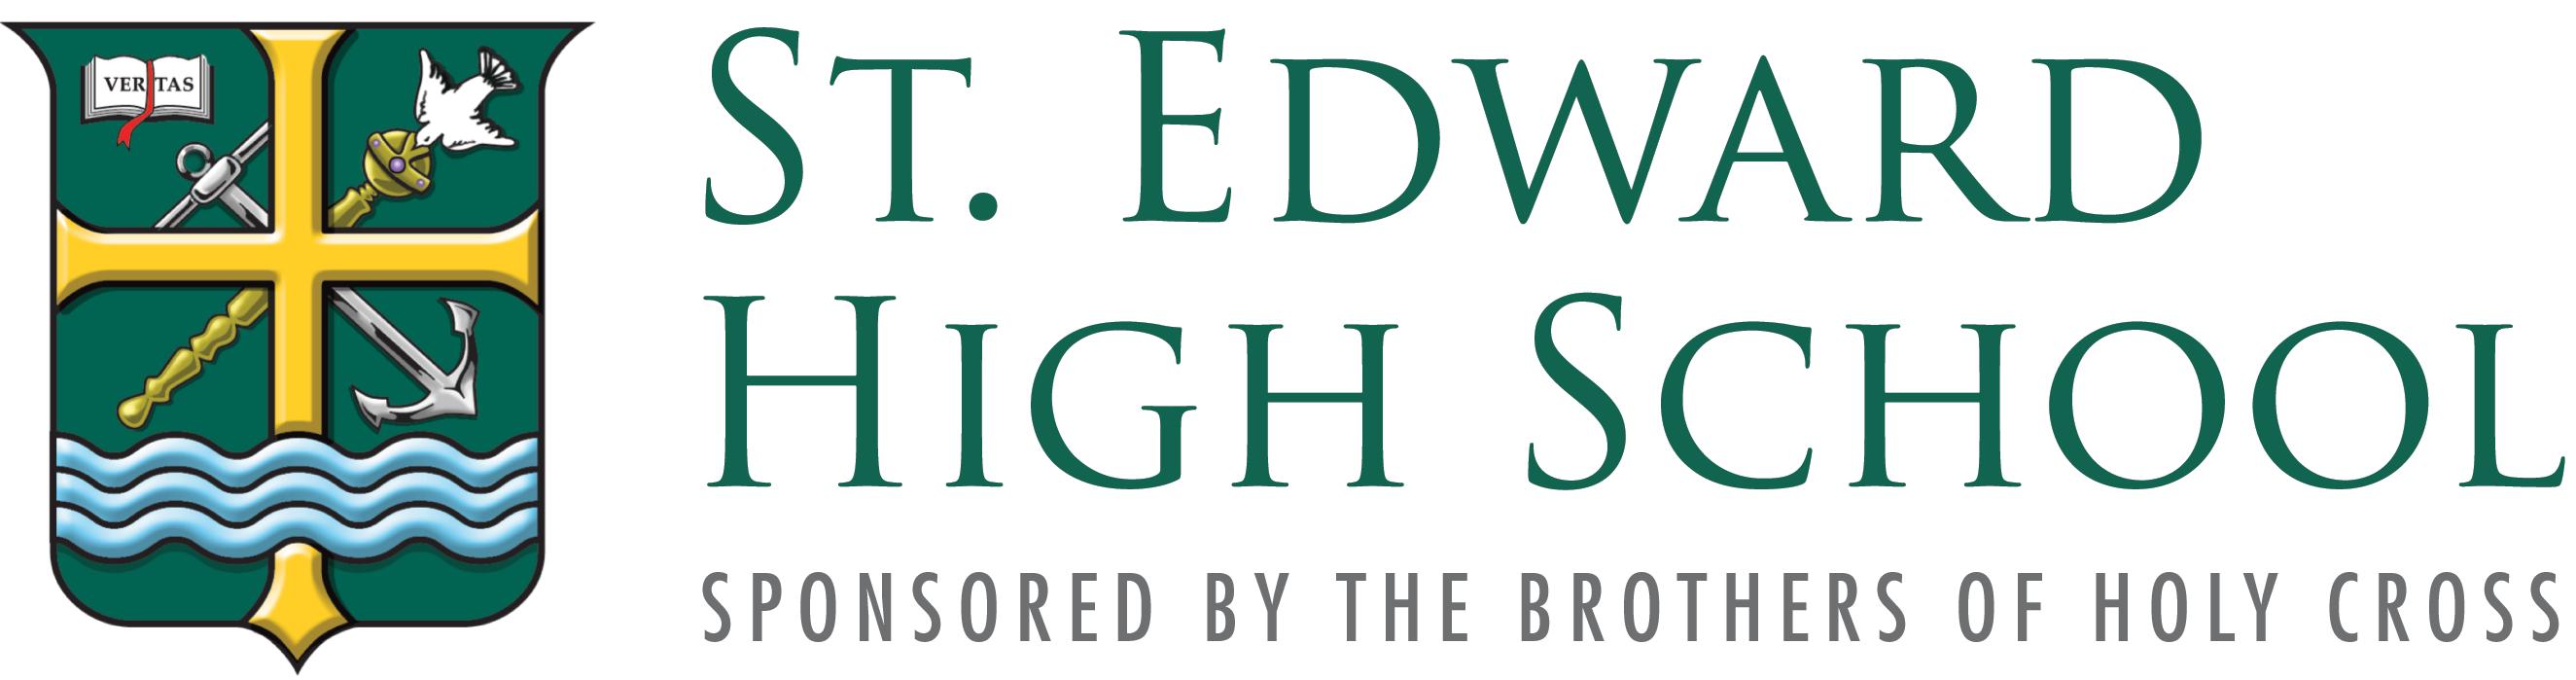 Saint Edward High School logo